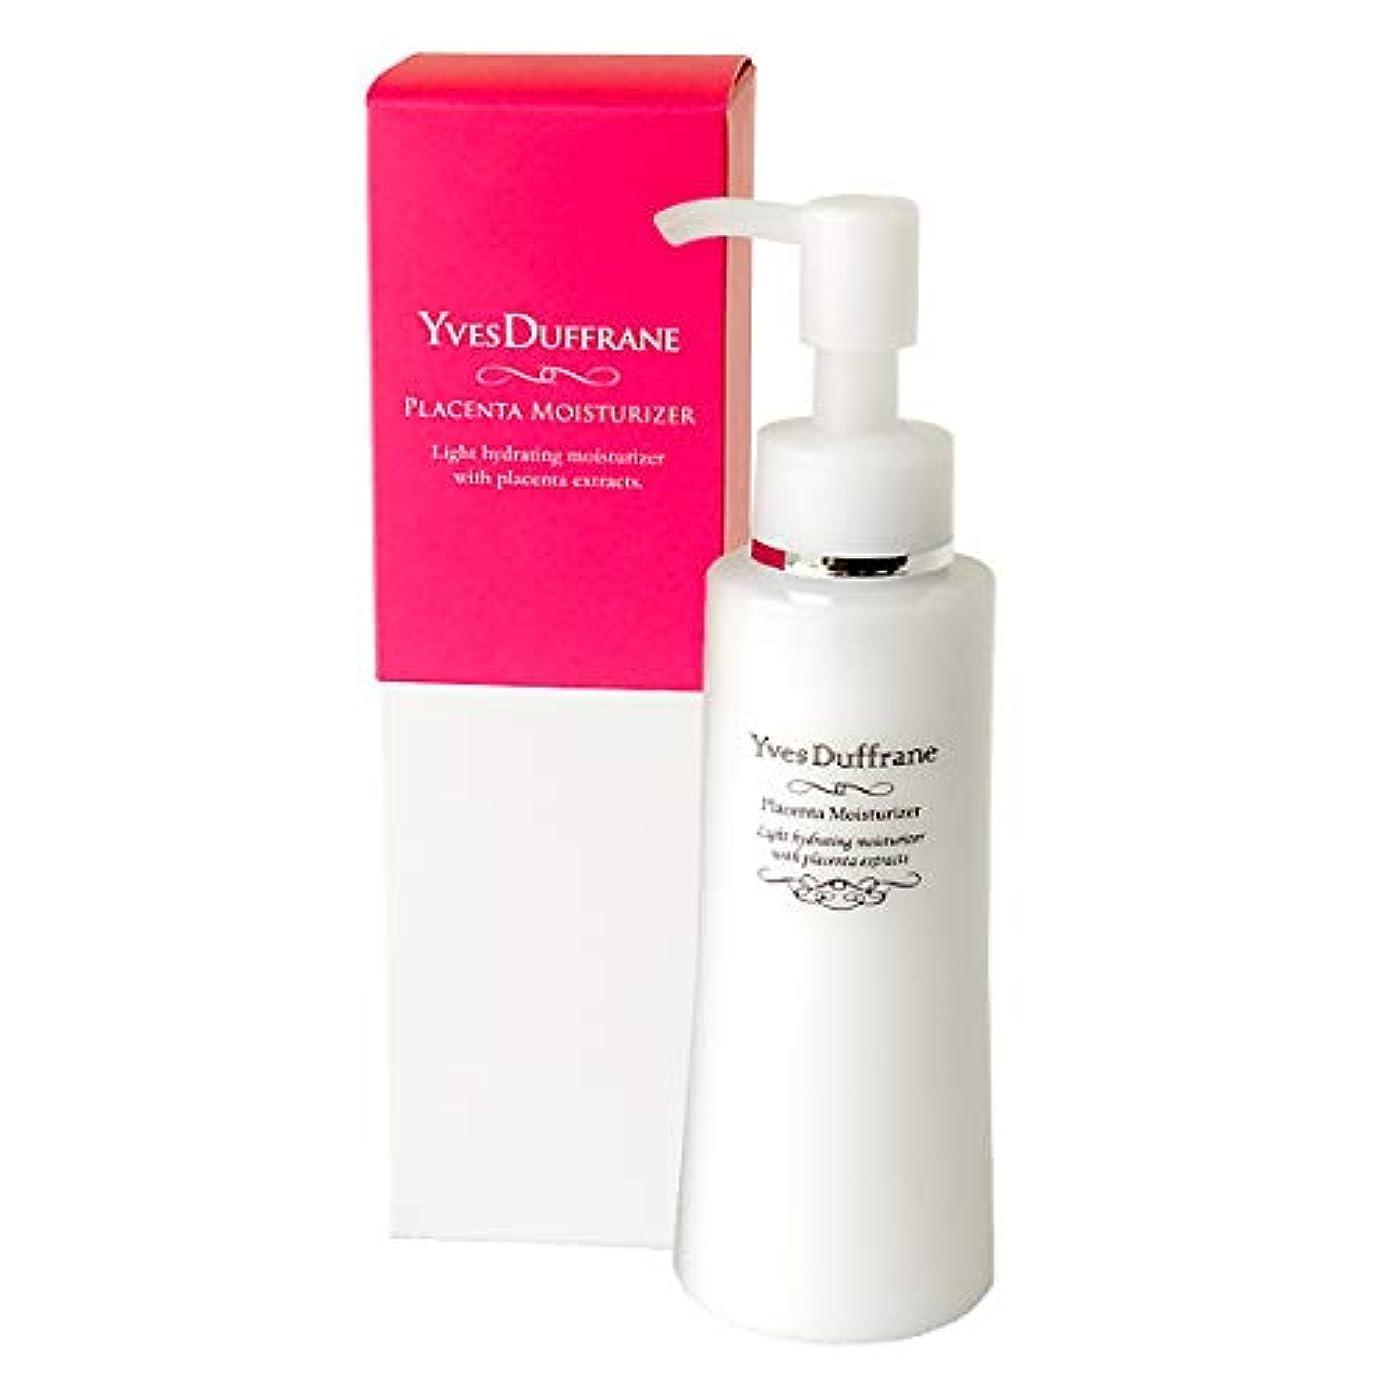 月曜日潤滑する形容詞プラセンタ 乳液 | ヒアルロン酸 高濃度プラセンタ | ターンオーバー 敏感肌 保湿